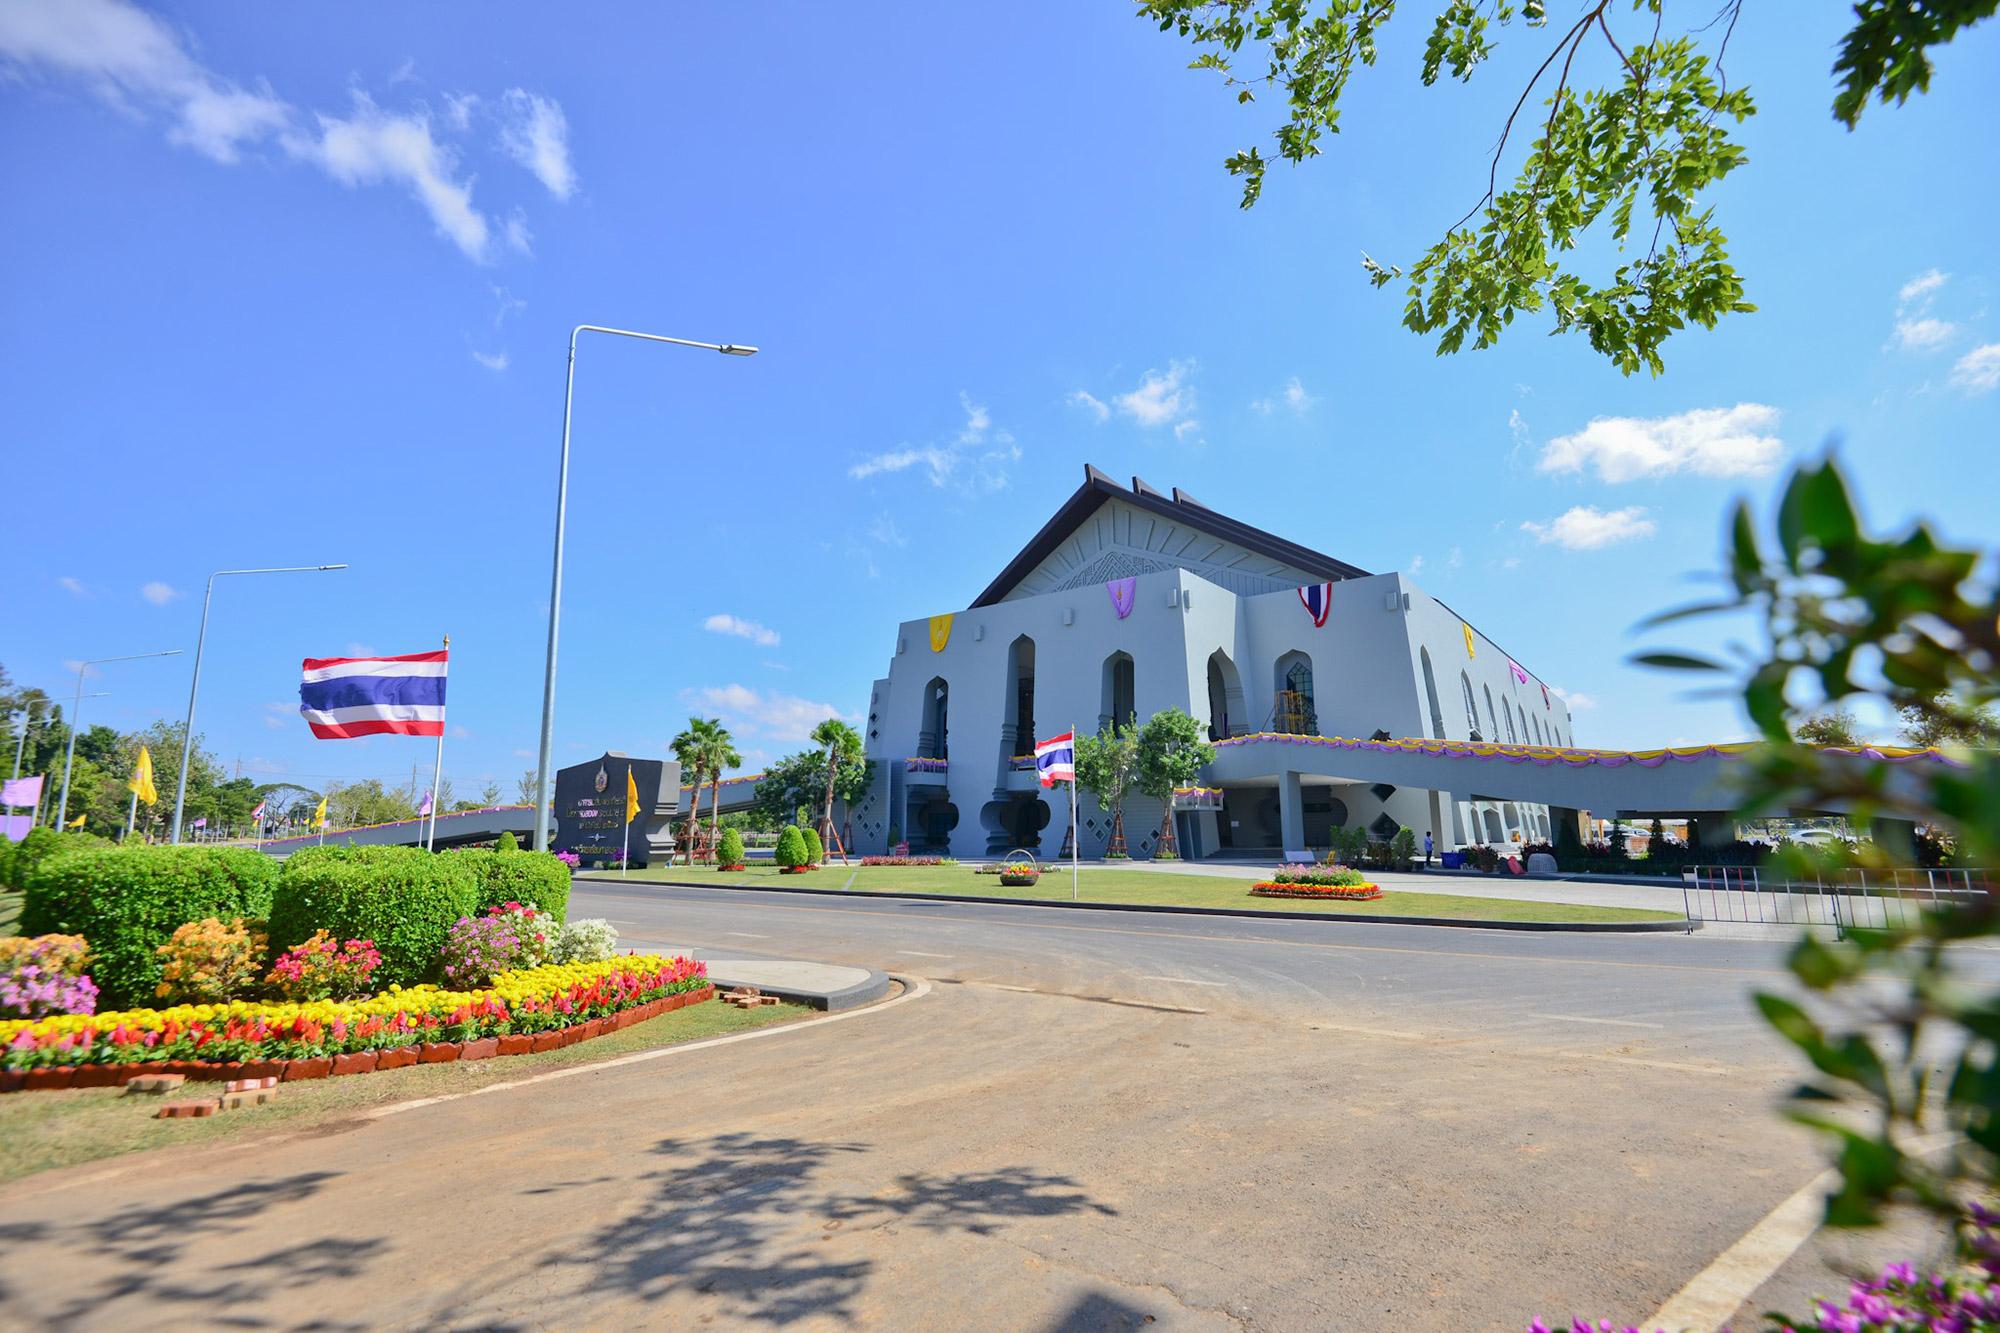 อาคารเฉลิมพระเกียรติ ในโอกาสฉลองพระชนมายุ 5 รอบ 2 เมษายน 2558